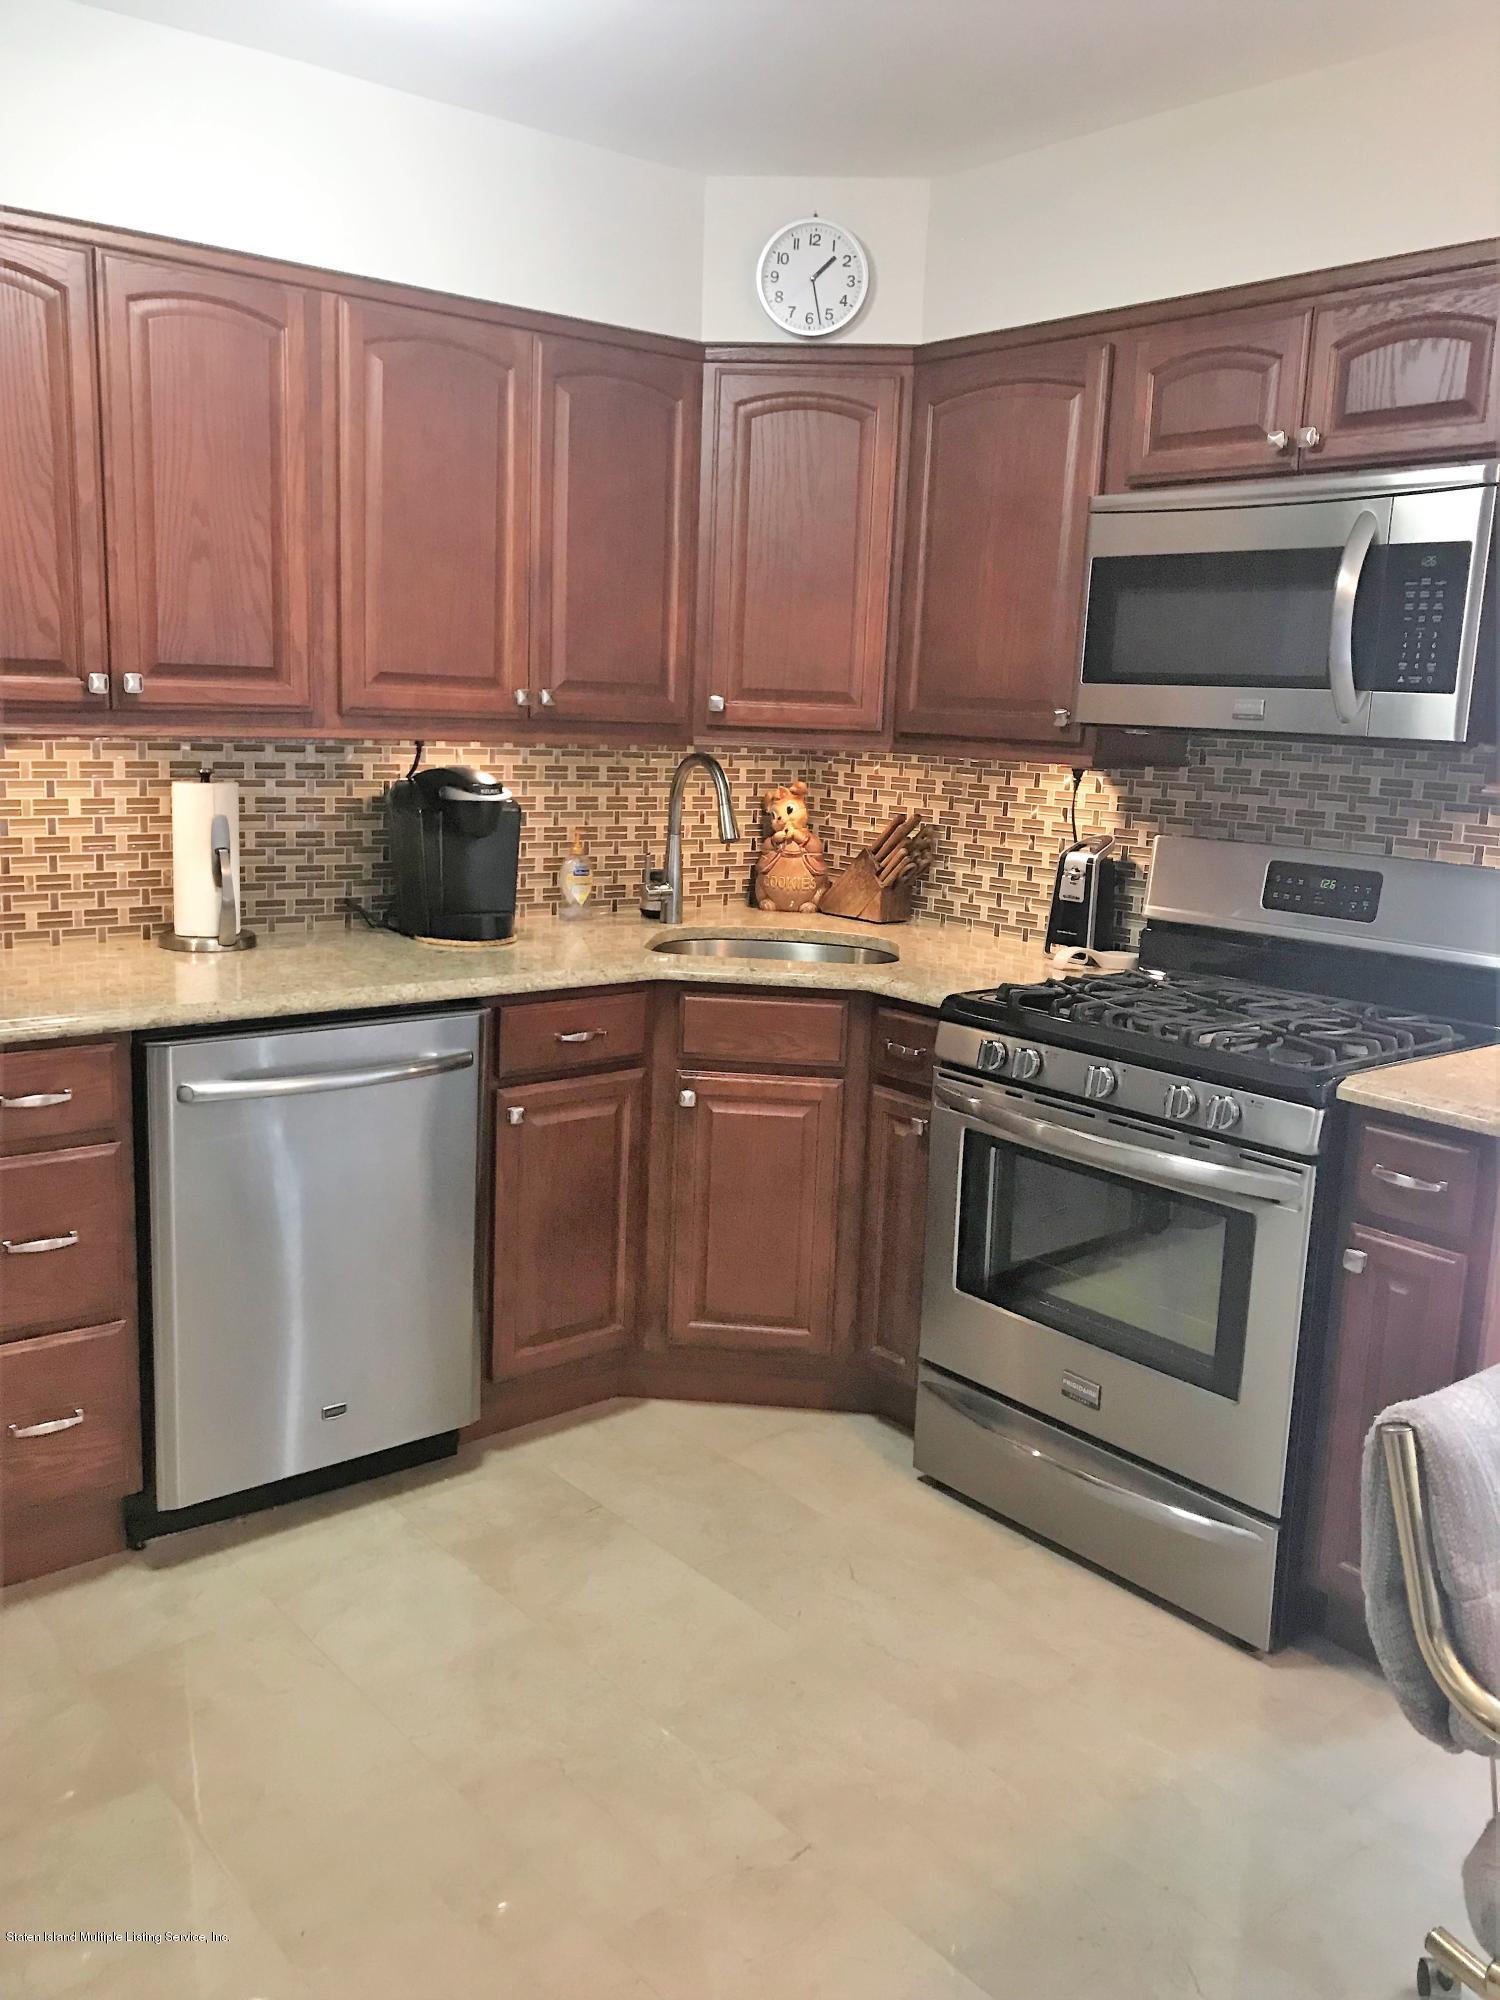 Single Family - Detached 97 Holcomb Avenue  Staten Island, NY 10312, MLS-1131594-3